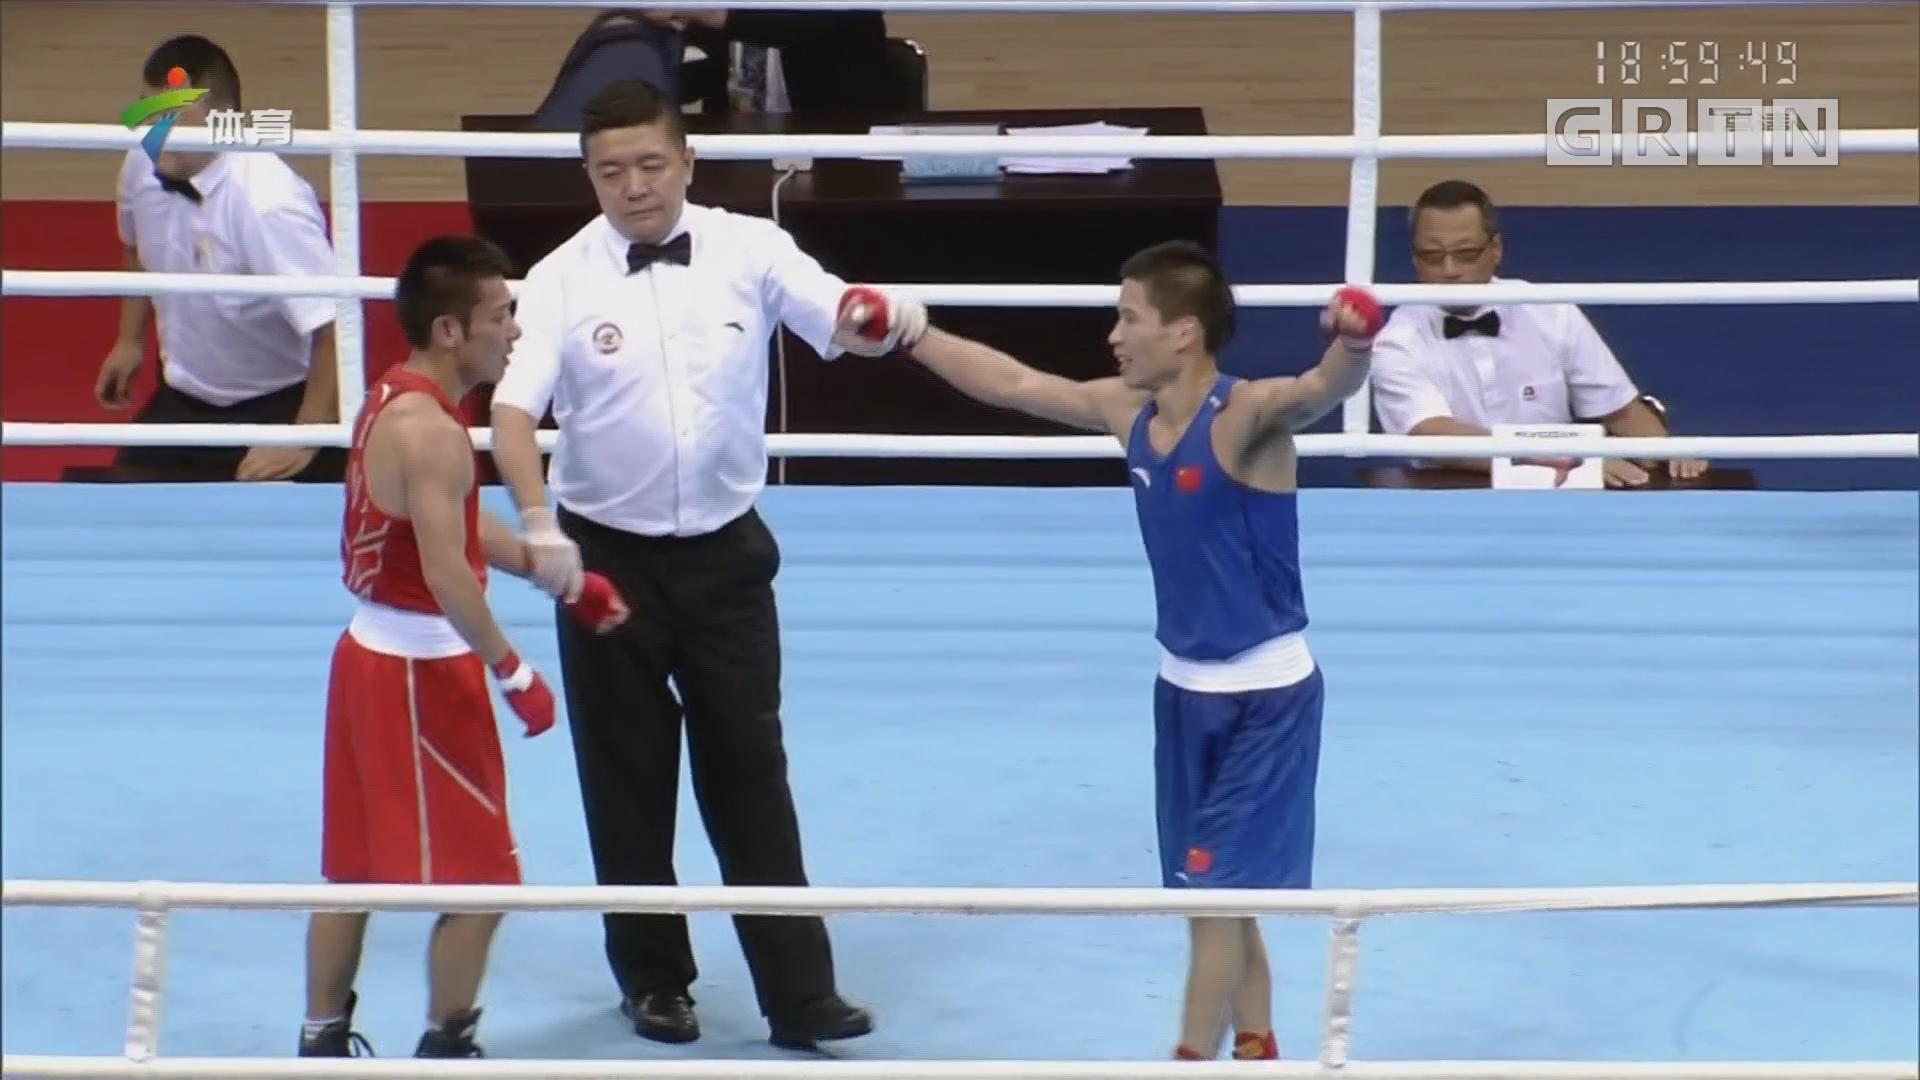 广东选手吕斌夺全运会拳击男子49公斤级金牌